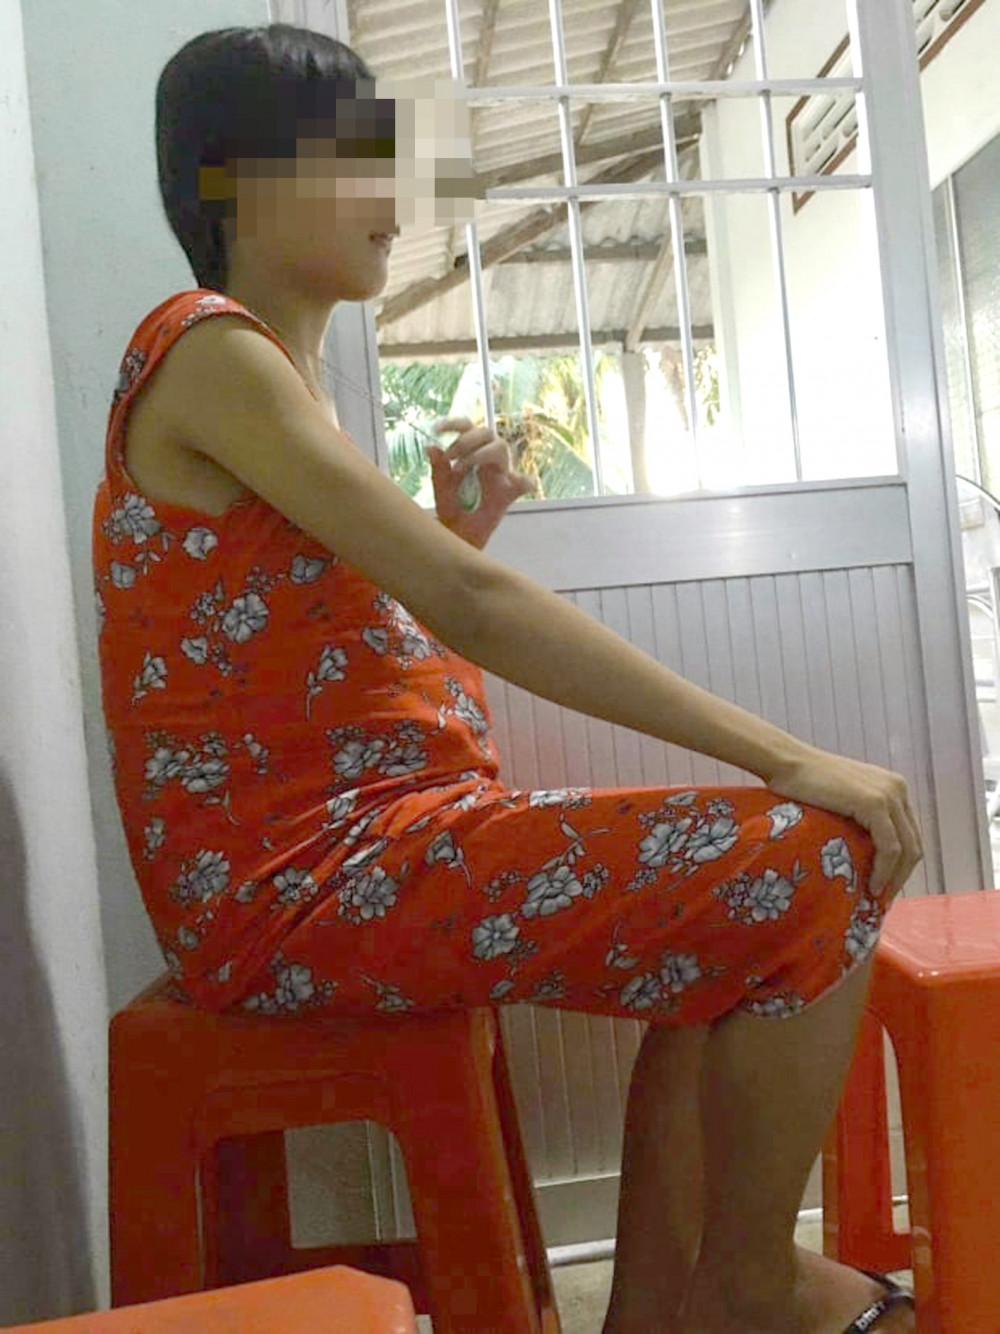 Người mẹ trẻ em K. thường ngồi tựa cửa,  tay lần theo sợi dây chuyền…